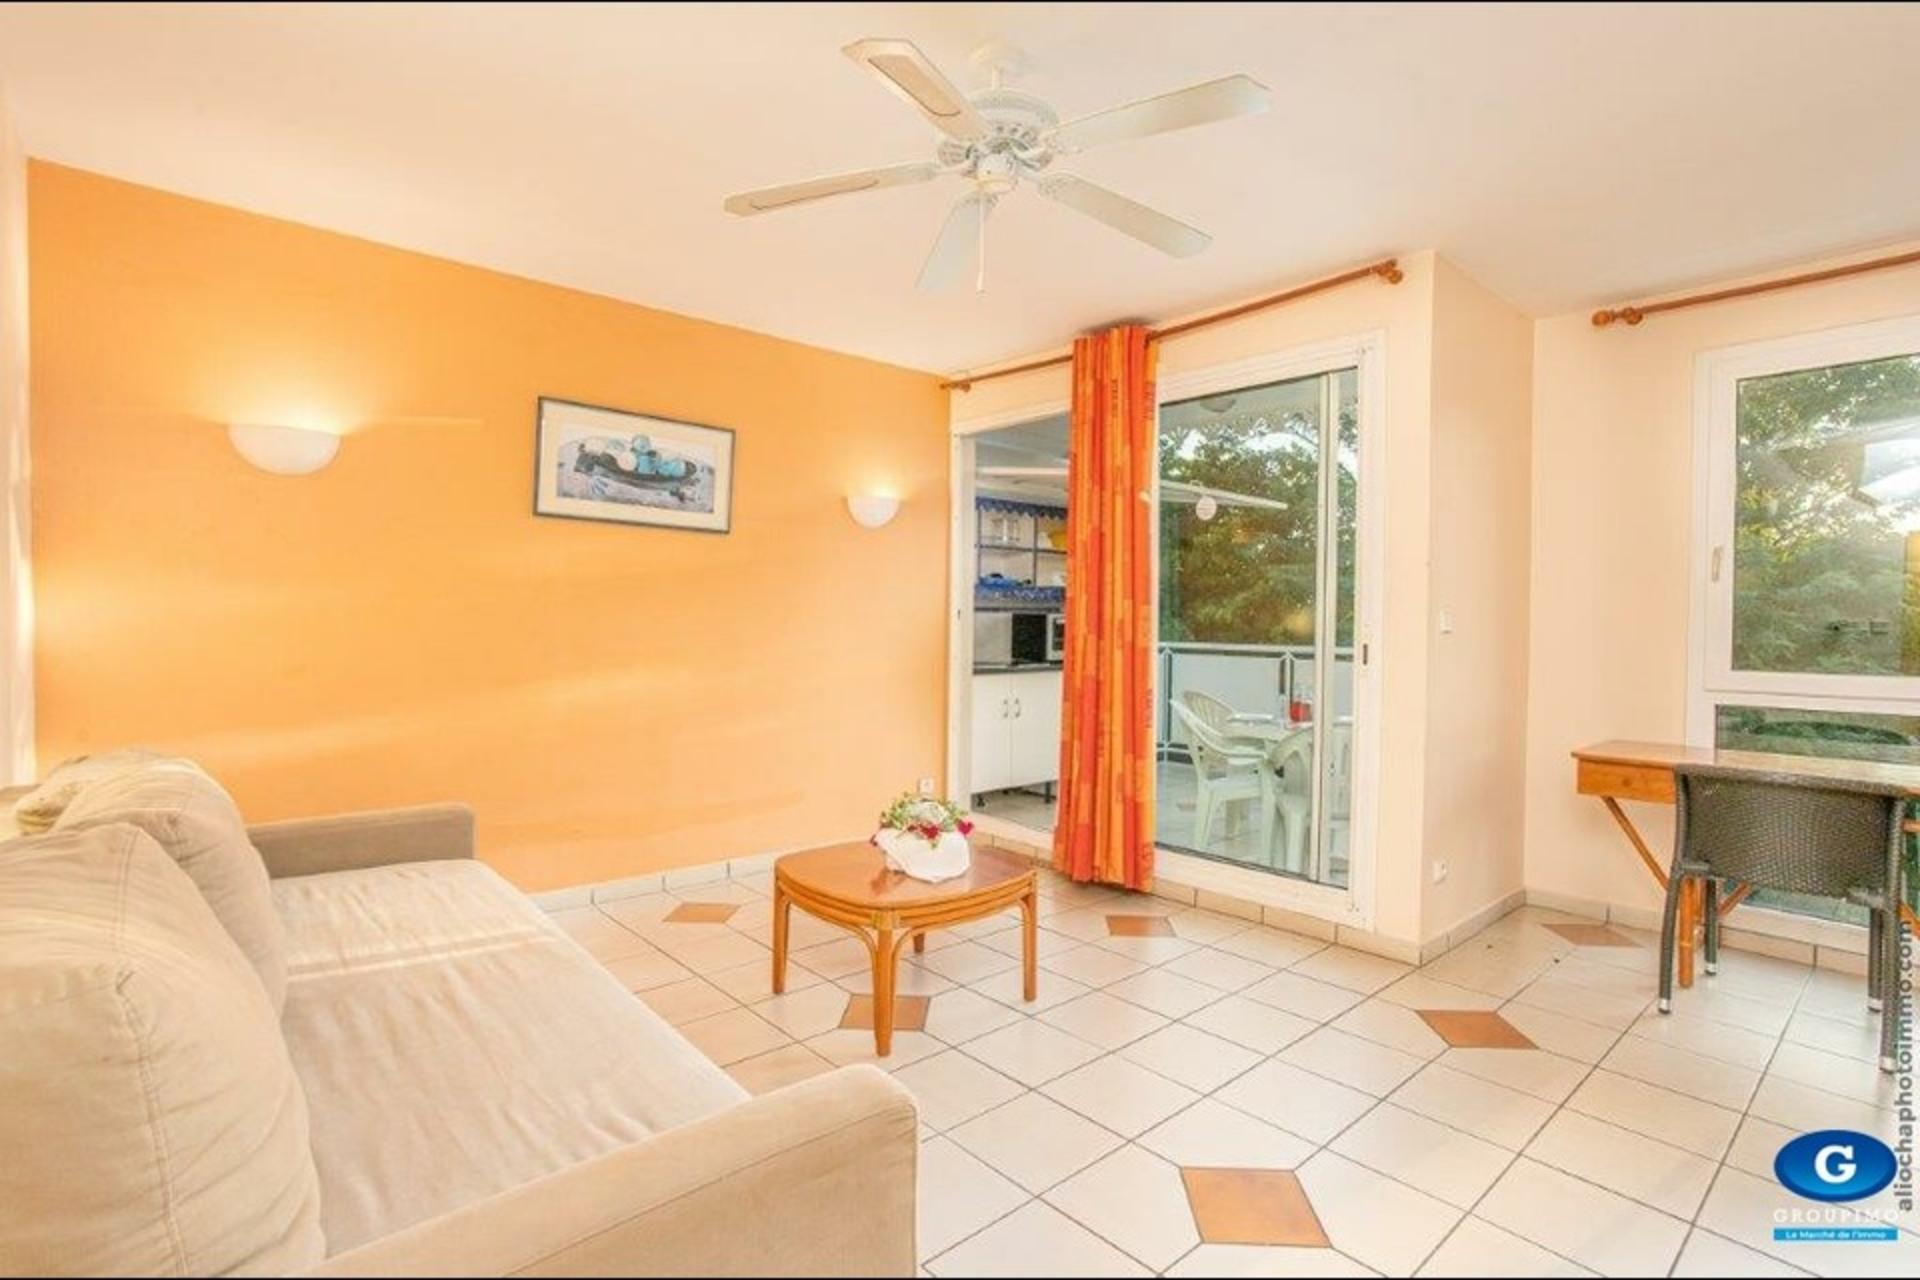 image 4 - Appartement À vendre Sainte-Luce - 1 pièce